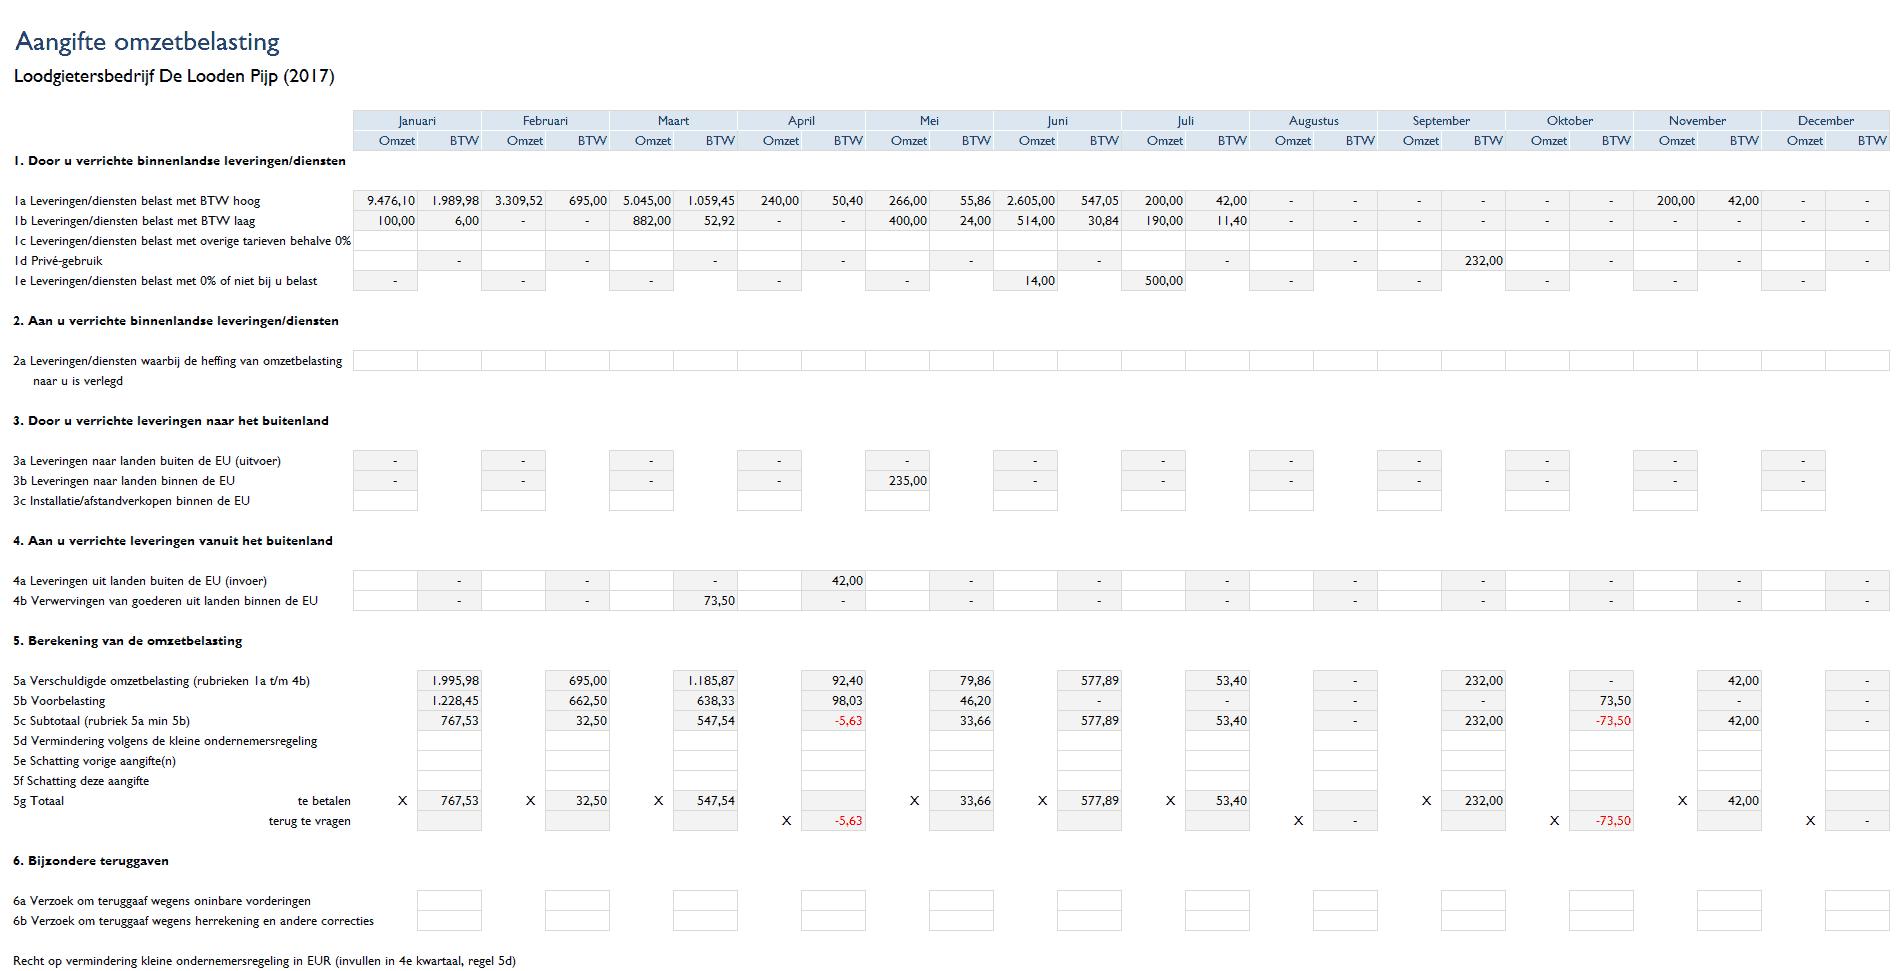 Aangifte omzetbelasting per maand (btw-overzicht)